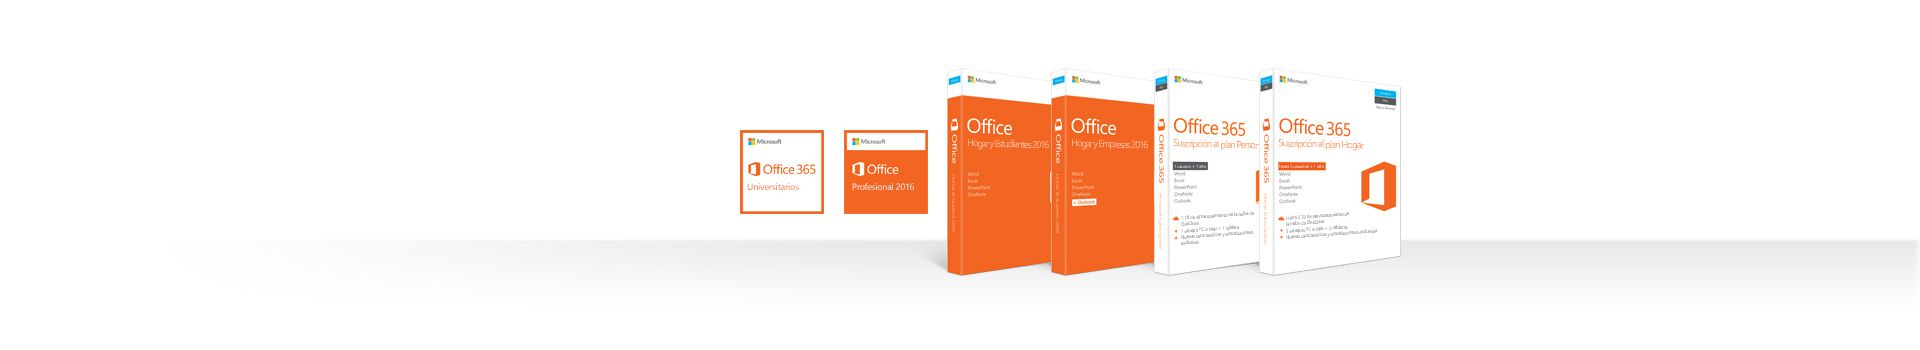 Fila de cuadros que representan los productos independientes y de suscripción de Office para equipos PC